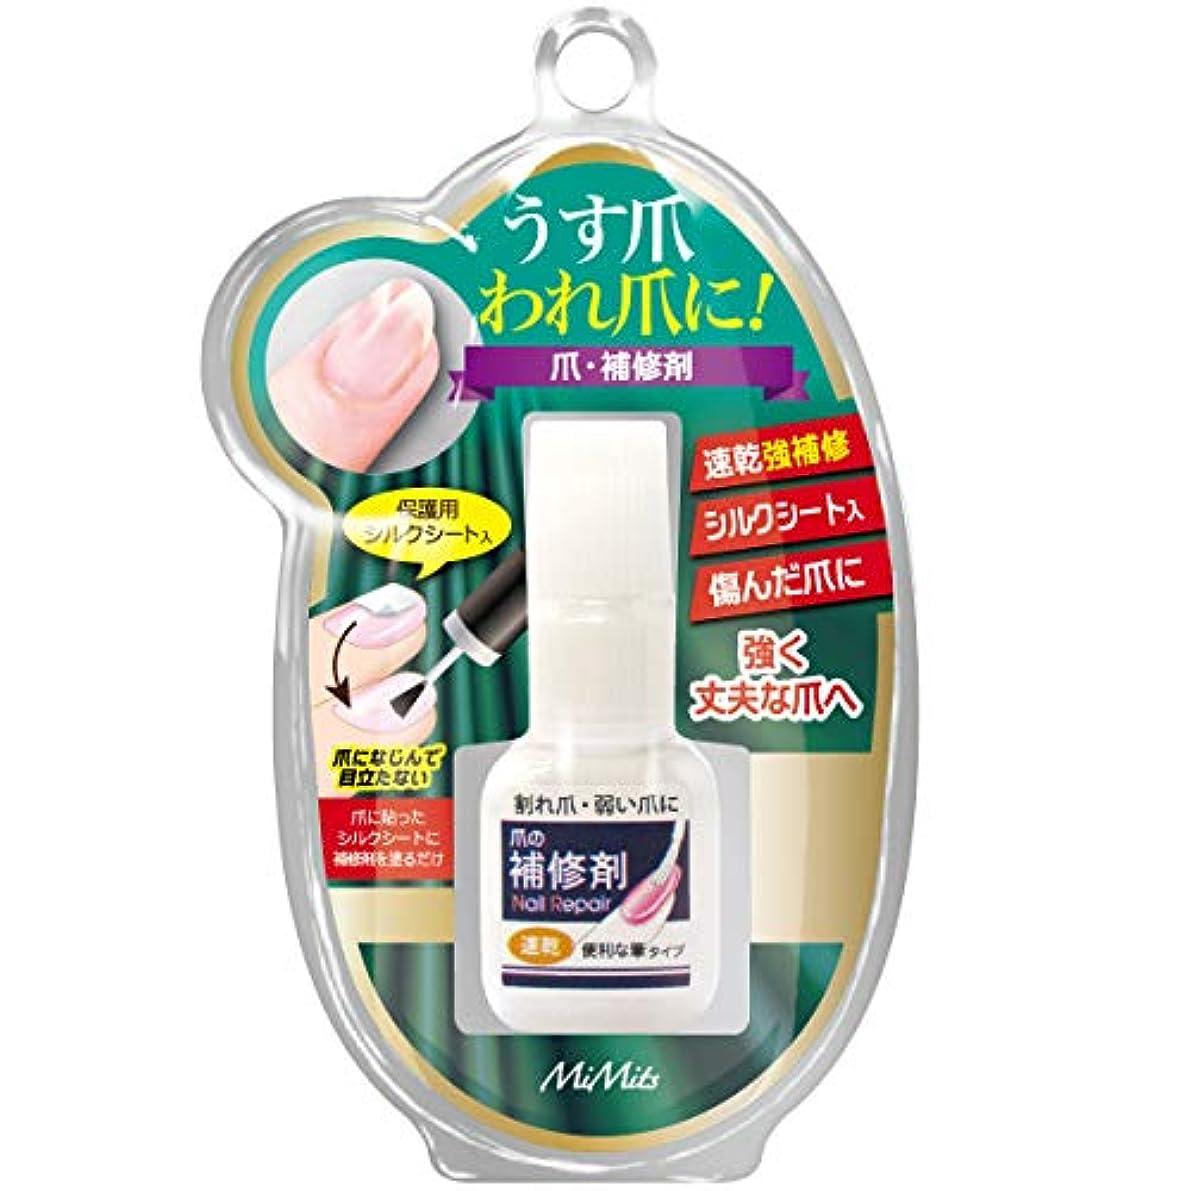 才能のある征服する皮BN(ビーエヌ) 爪の補修剤 THS-01 (1本)